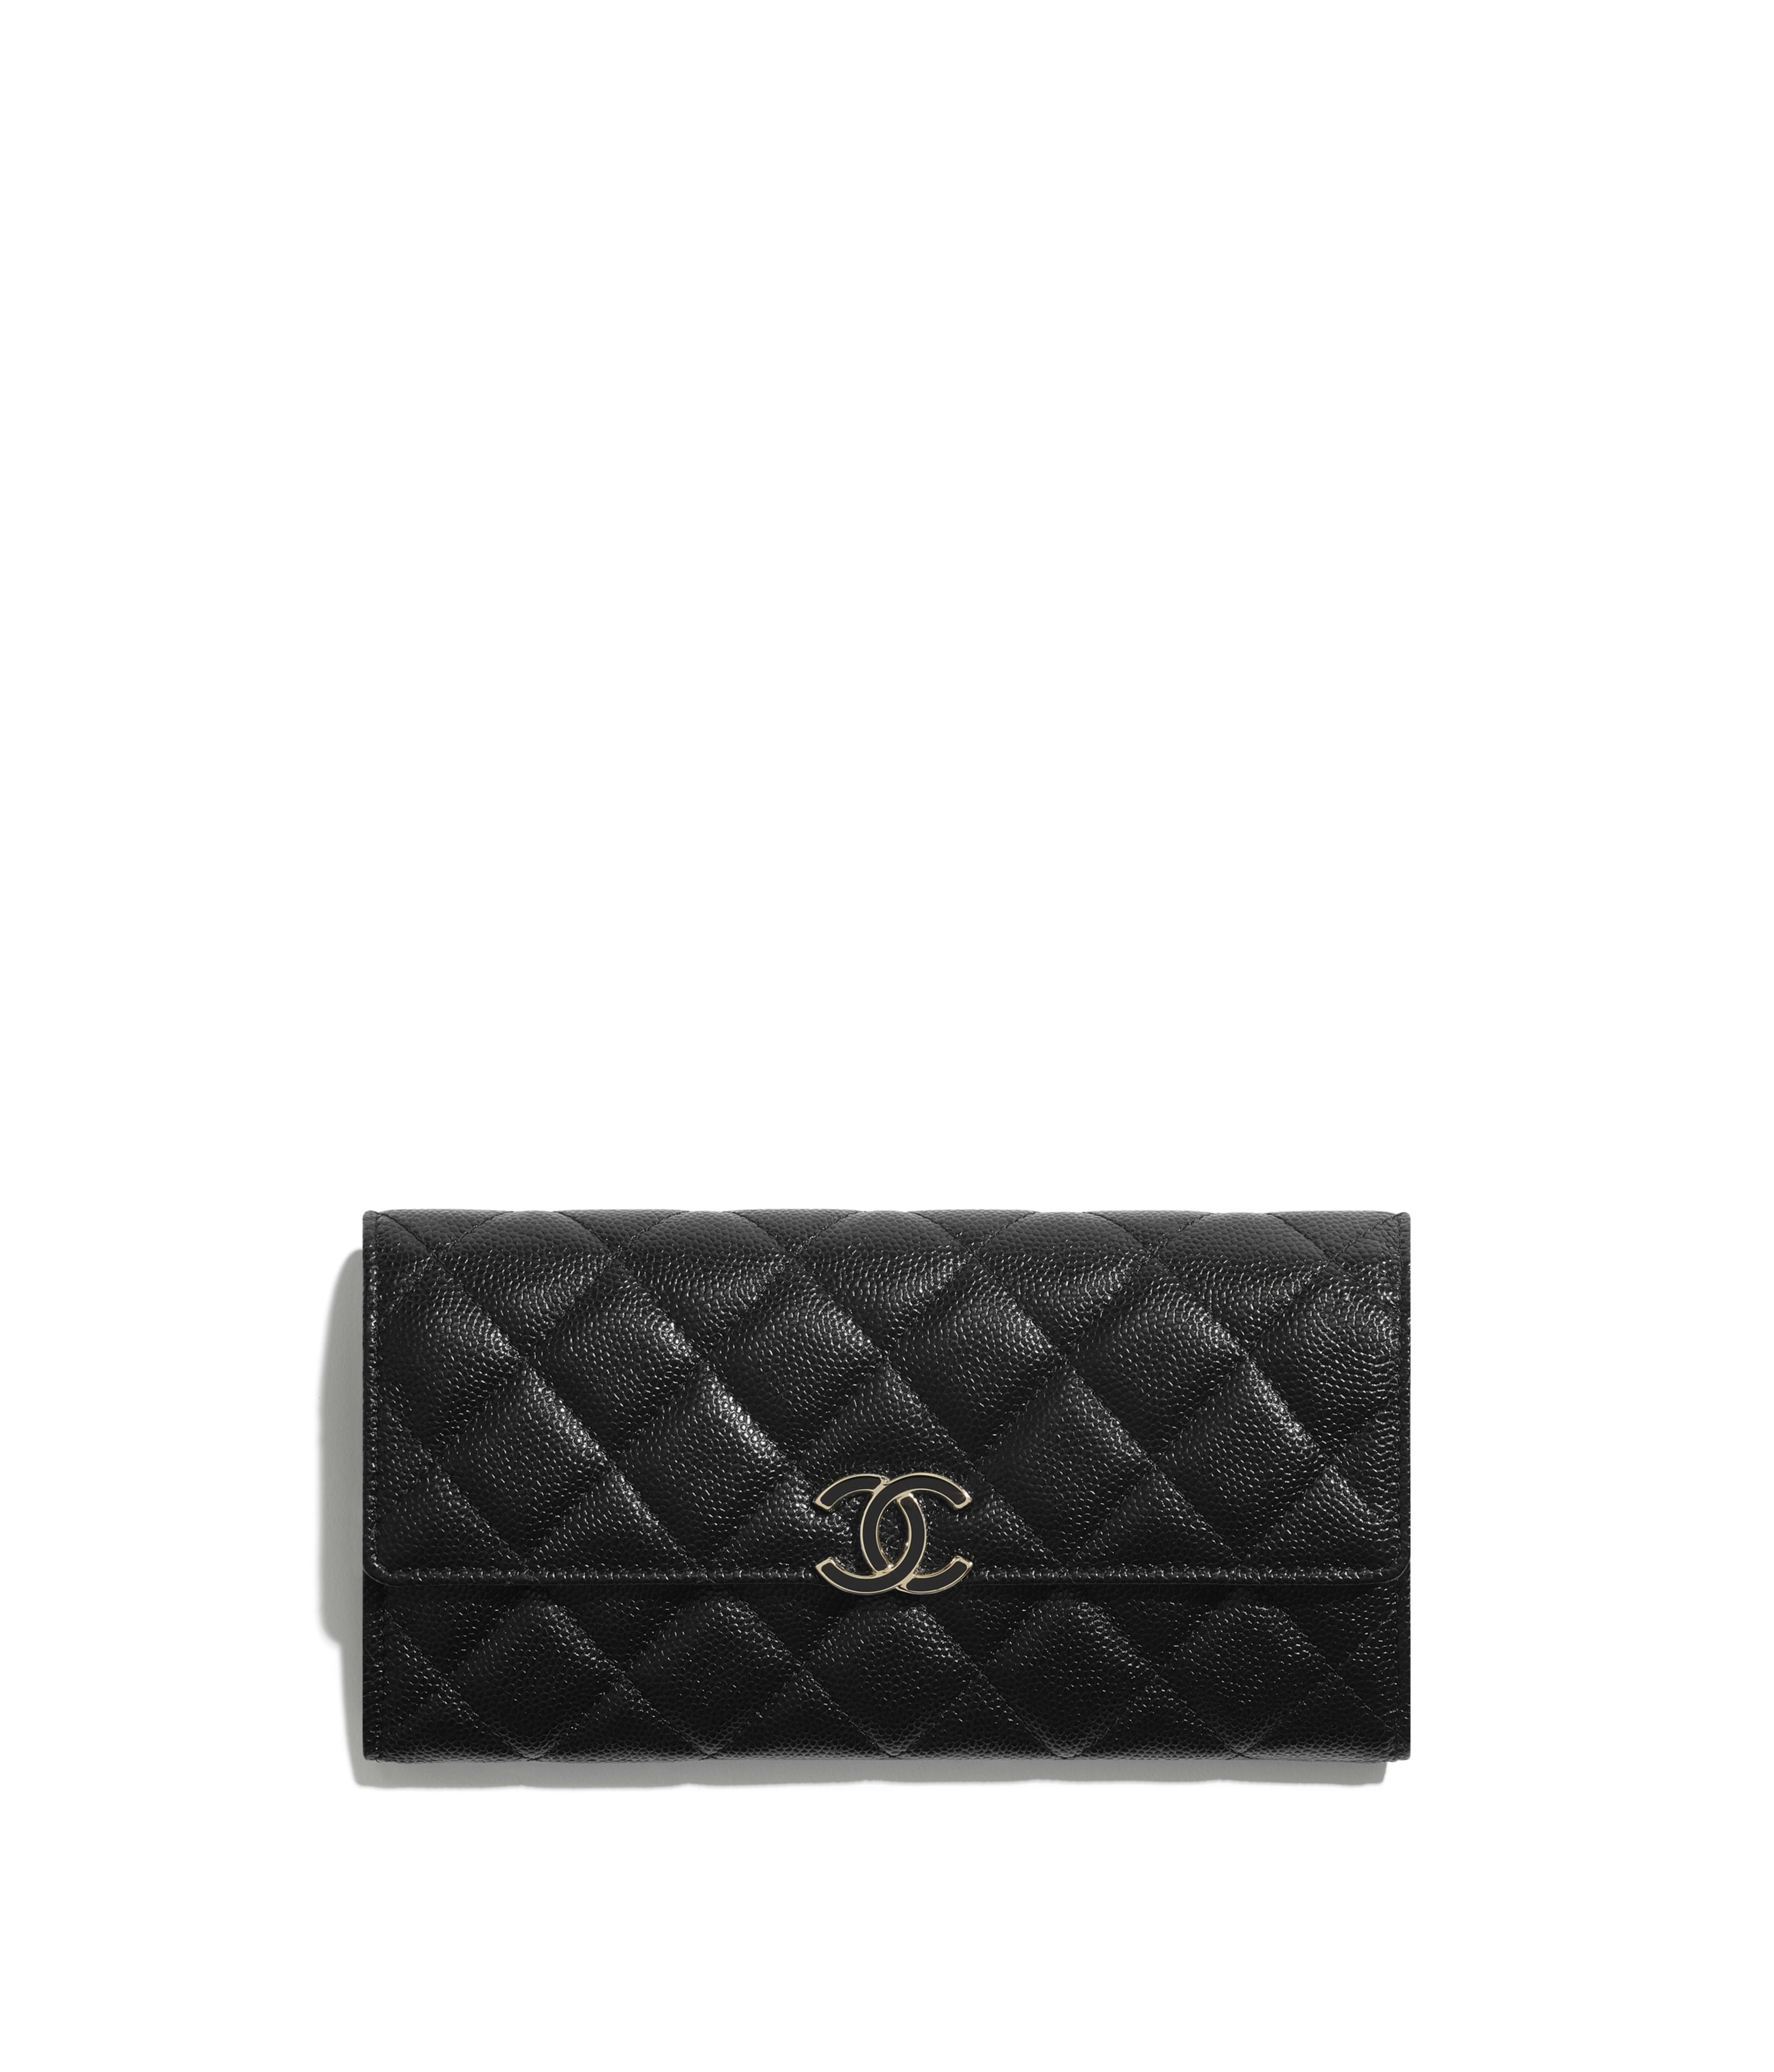 Long Wallets Small Leather Goods Chanel Scegli la consegna gratis per riparmiare di più. chanel